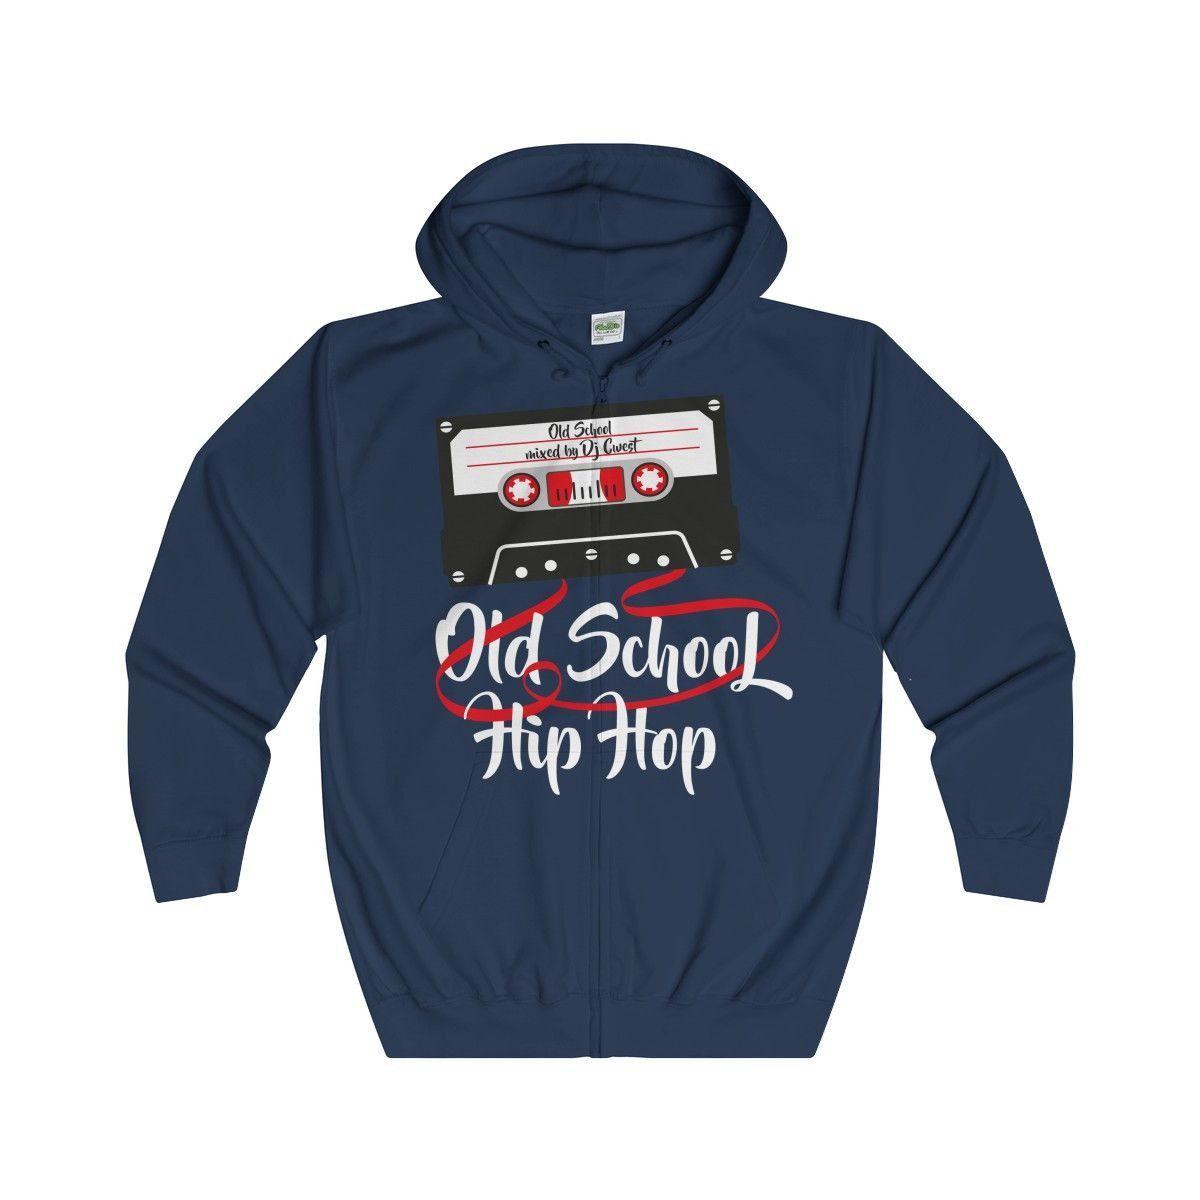 Old-School Hip Hop- Full Zip Hoodie